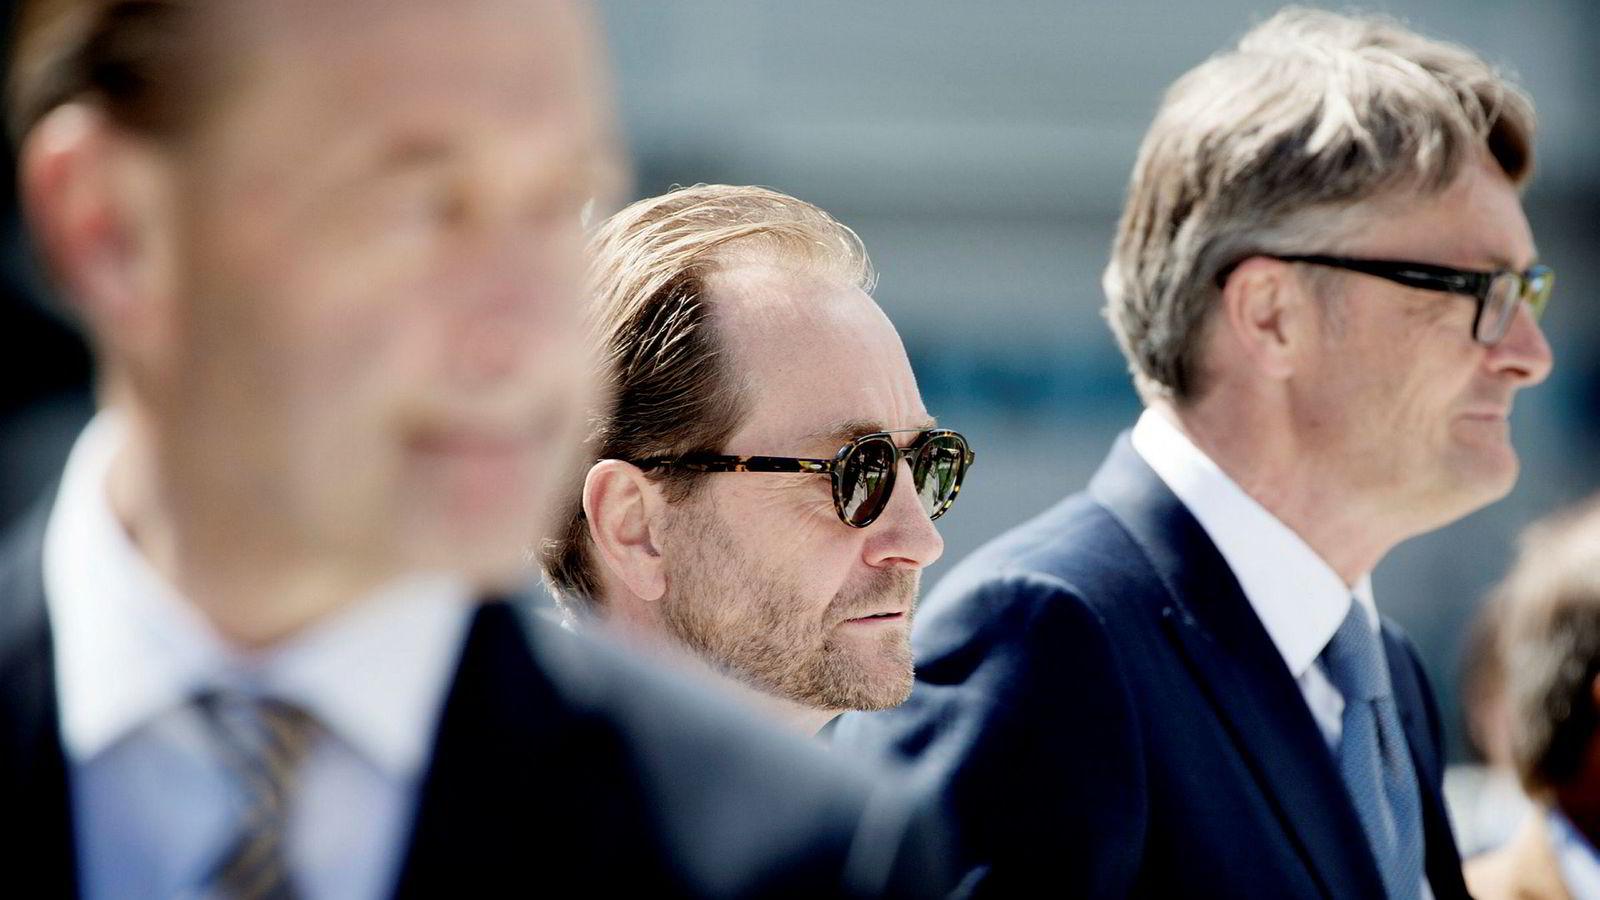 Aker-styreleder Kjell Inge Røkke og Aker-sjef Øyvind Eriksen (til høyre) mottok onsdag kveld olje-hedersprisen gullkronen fra Rystad Energy. Her fra en skulpturparkåpning i 2016. Foran til venstre er skyggen av Bjørn Rune Gjelsten, Røkkes tidligere forretningspartner.